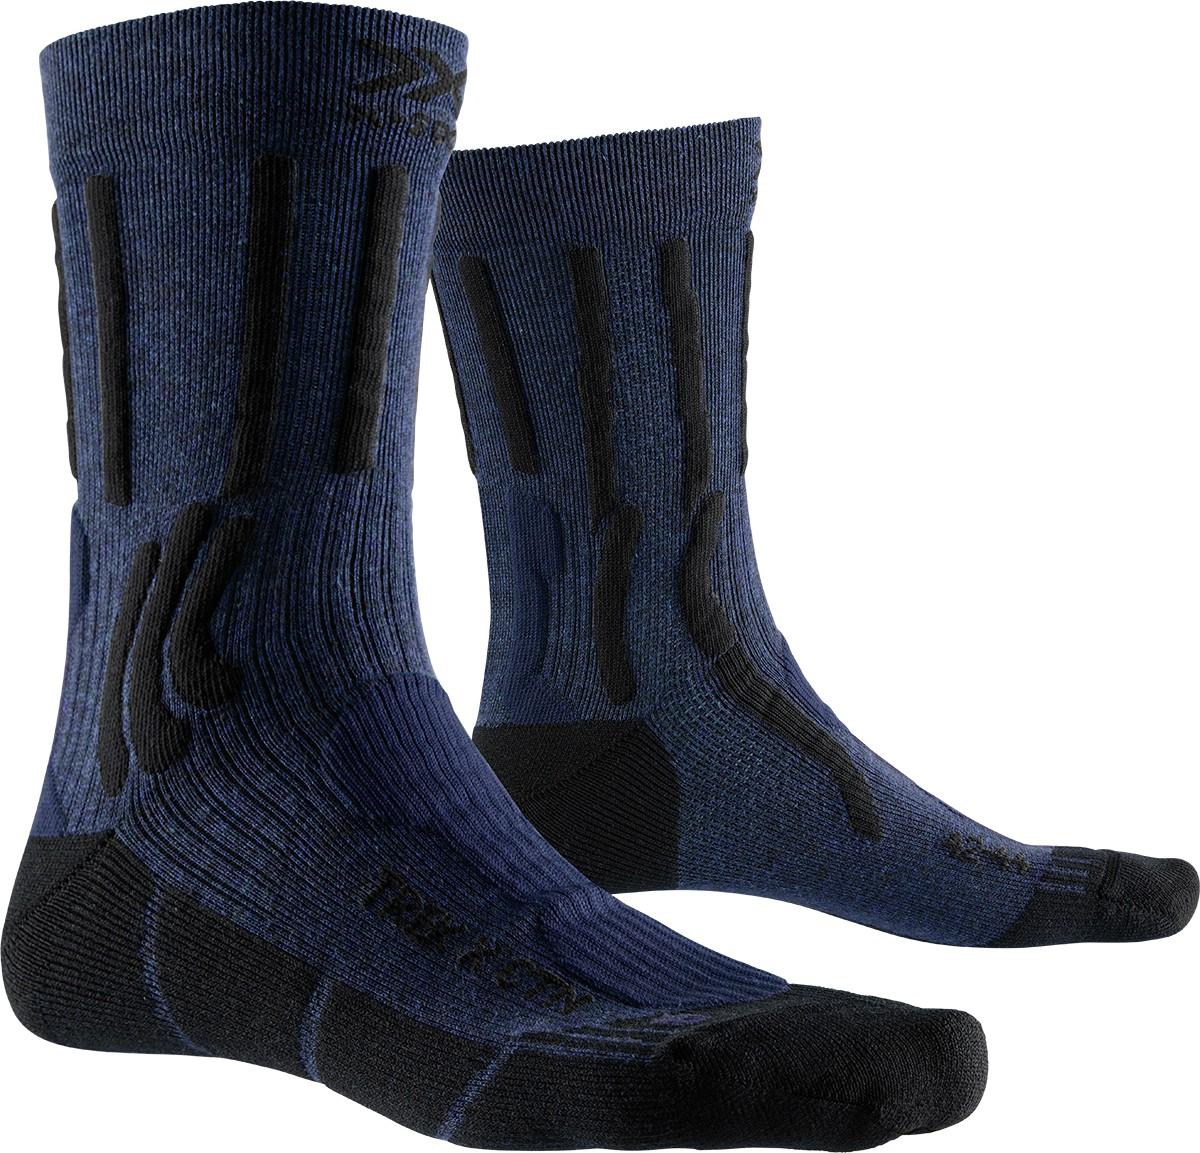 Trek X Ctn Socks